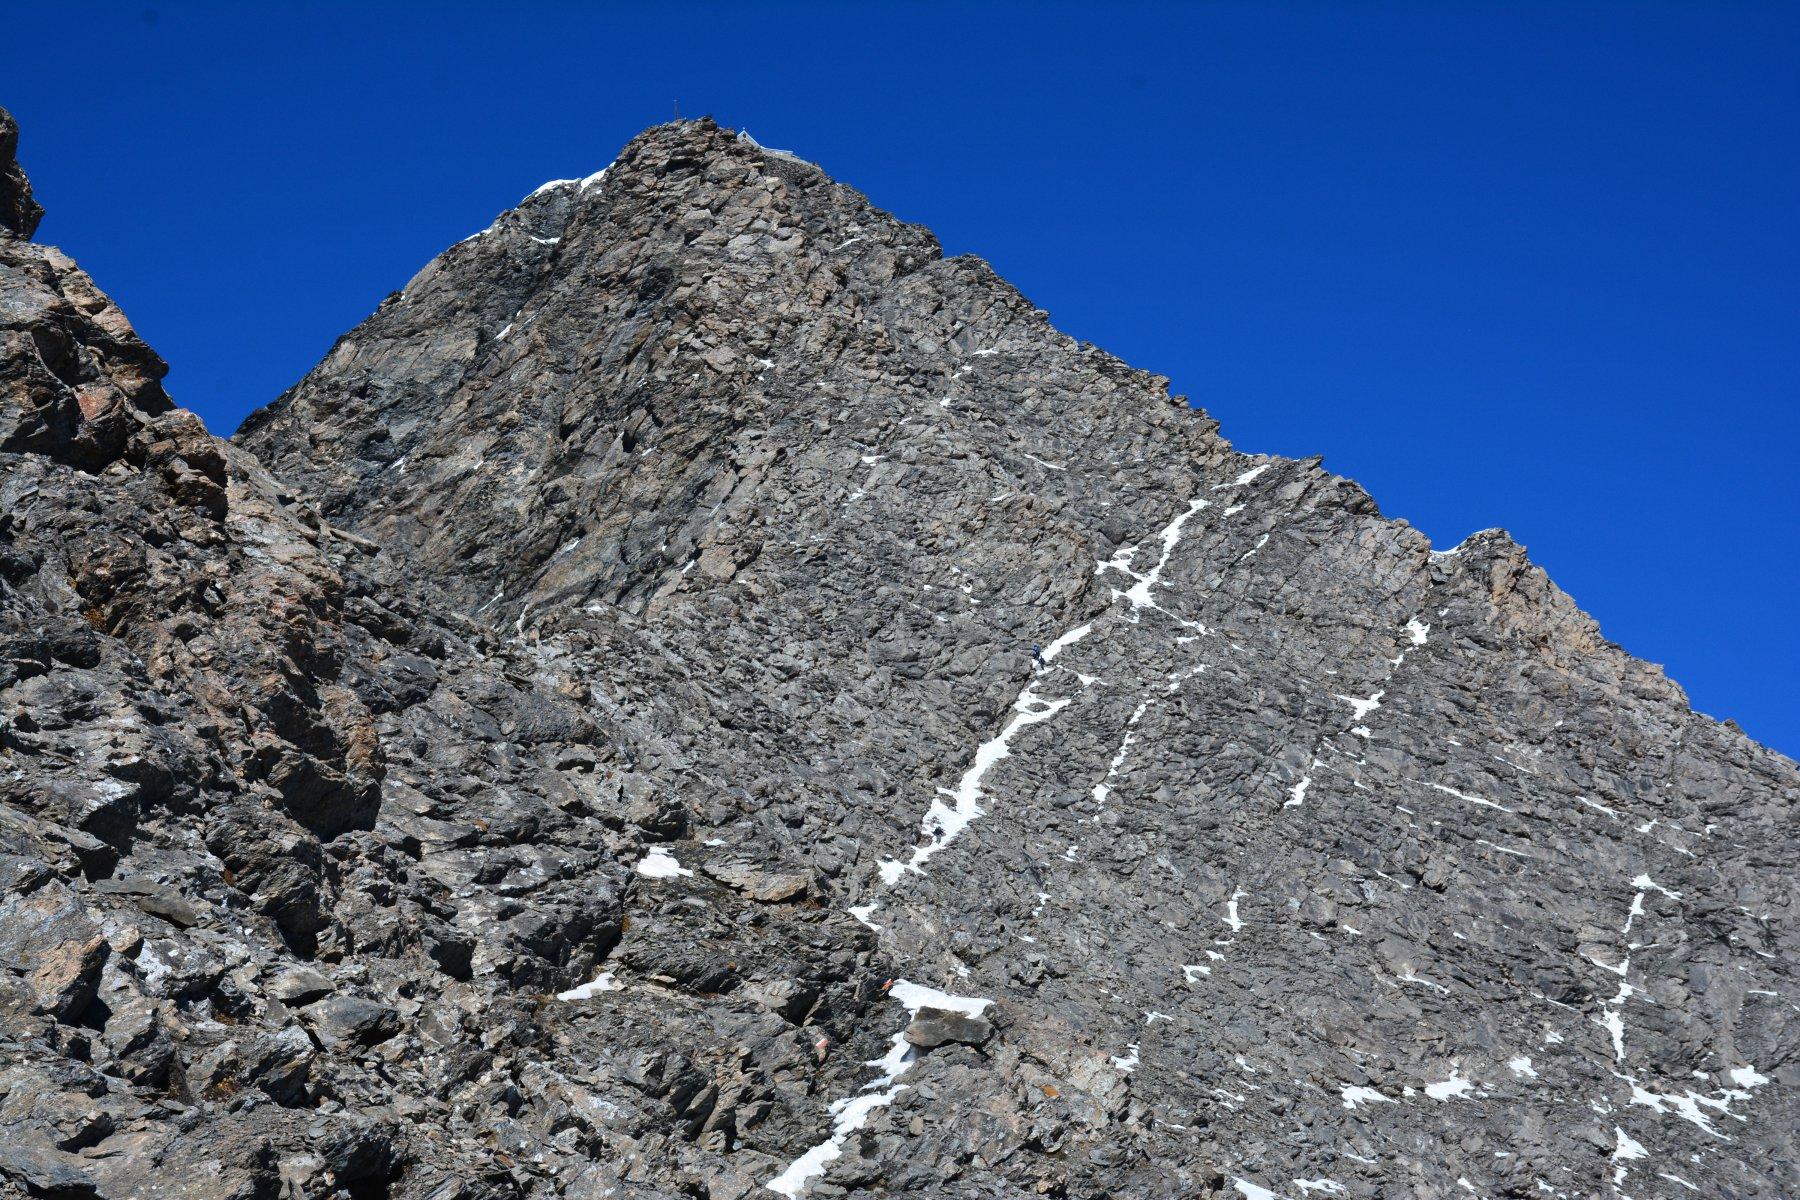 la lingua di neve in diagonale individua il percorso di salita